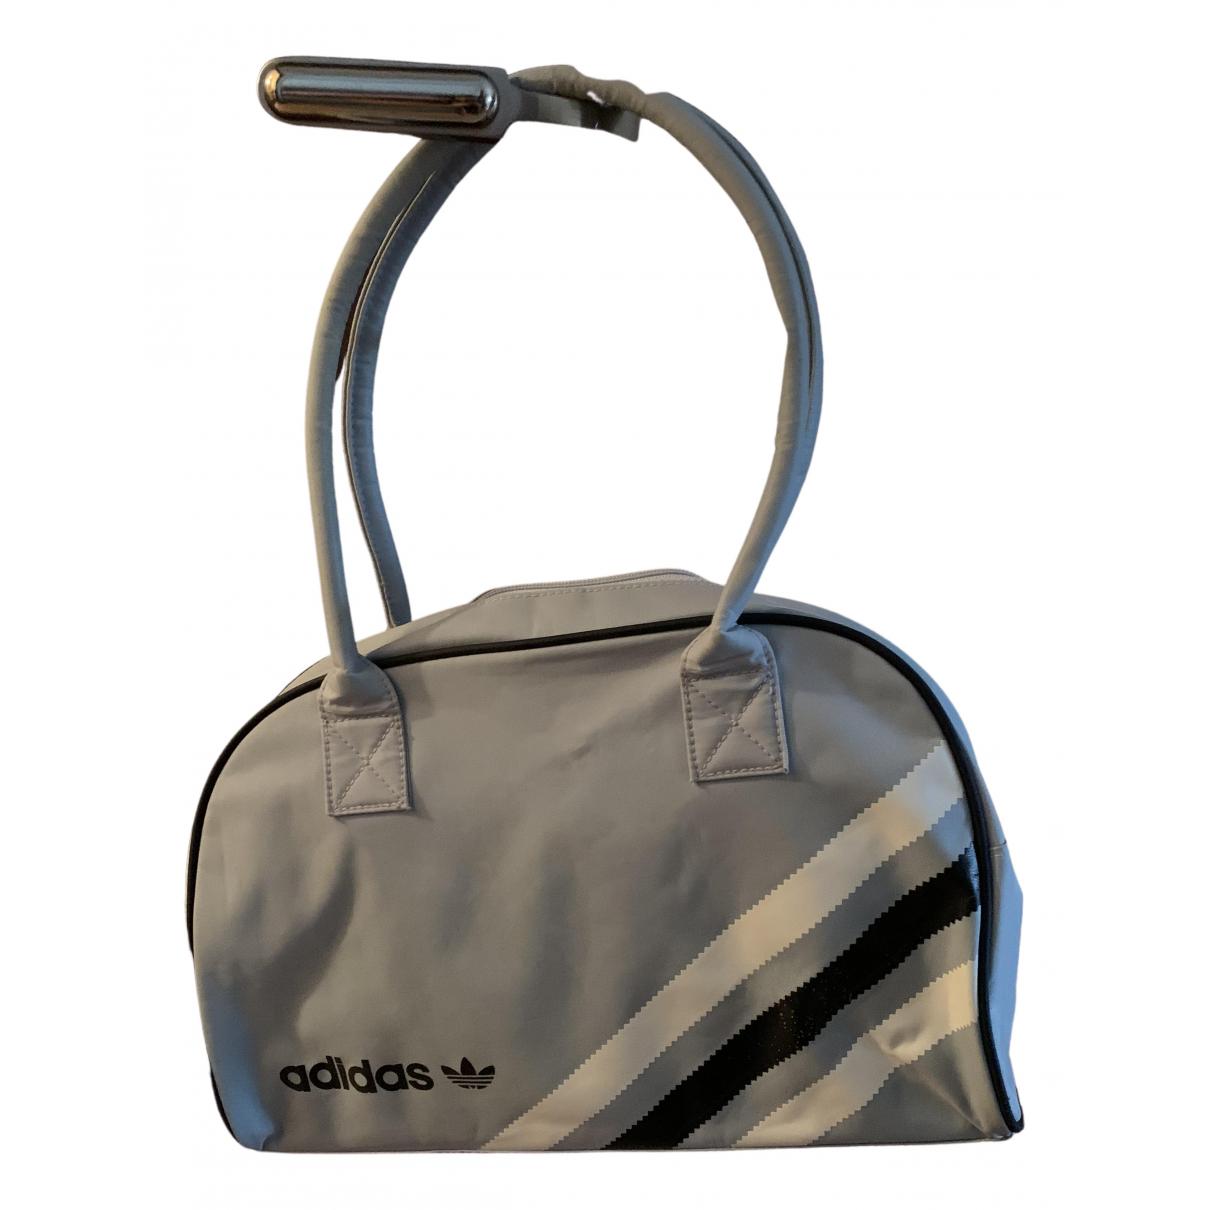 Adidas N Blue Cloth handbag for Women N